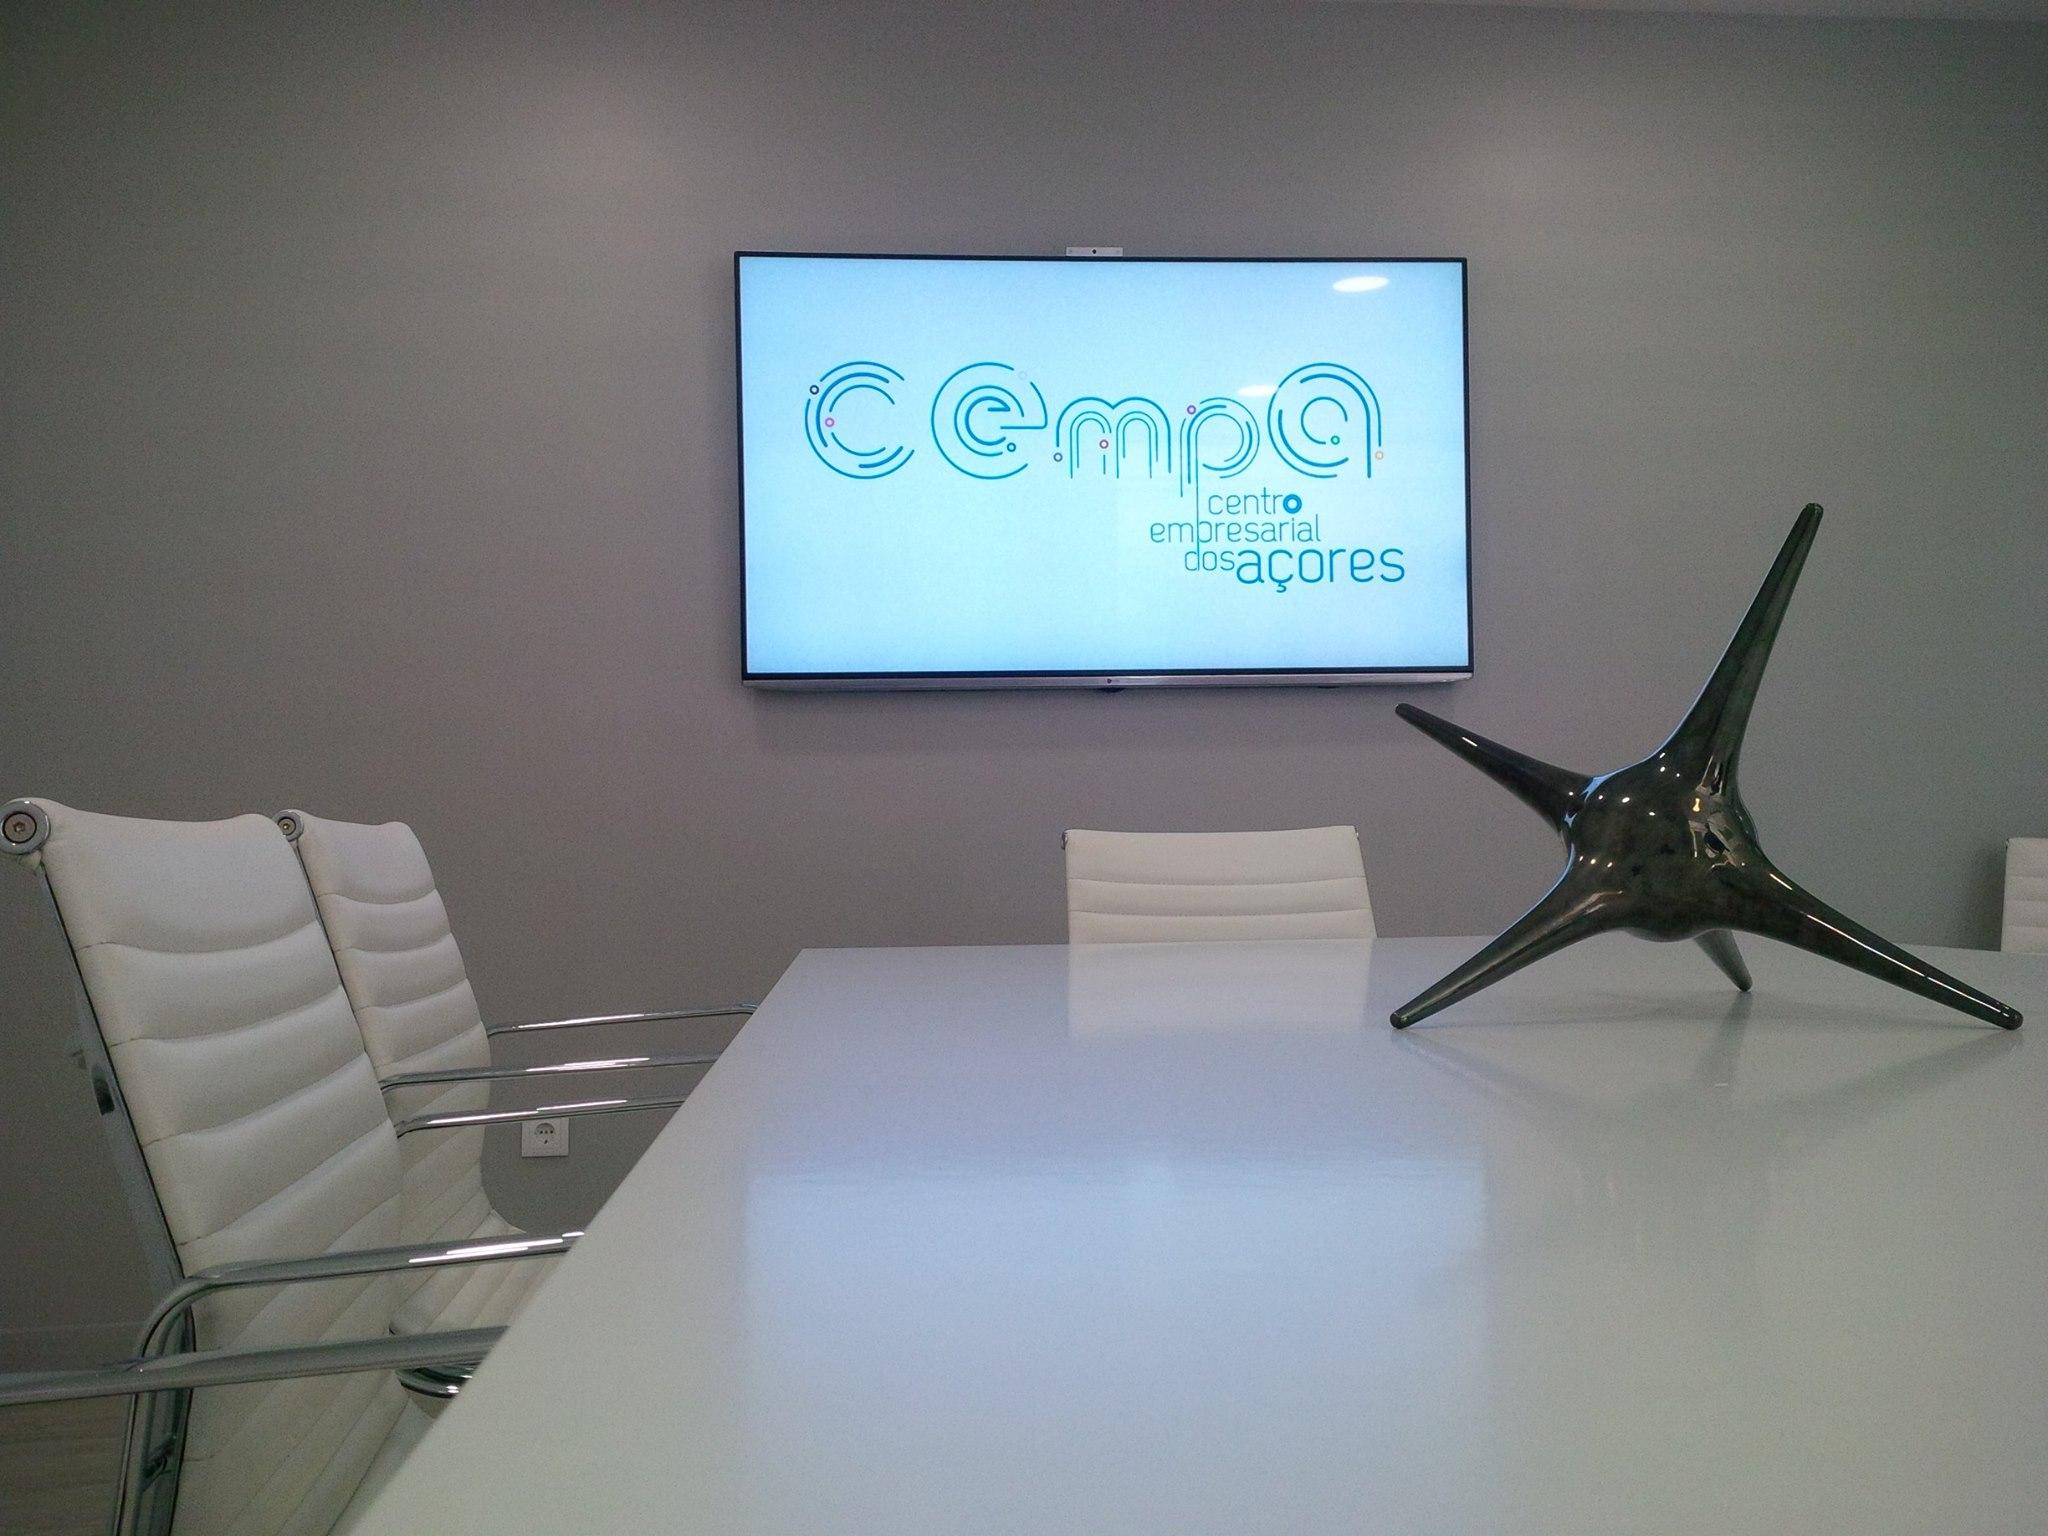 CEmpA Centro Empresarial dos Açores, Sao Miguel